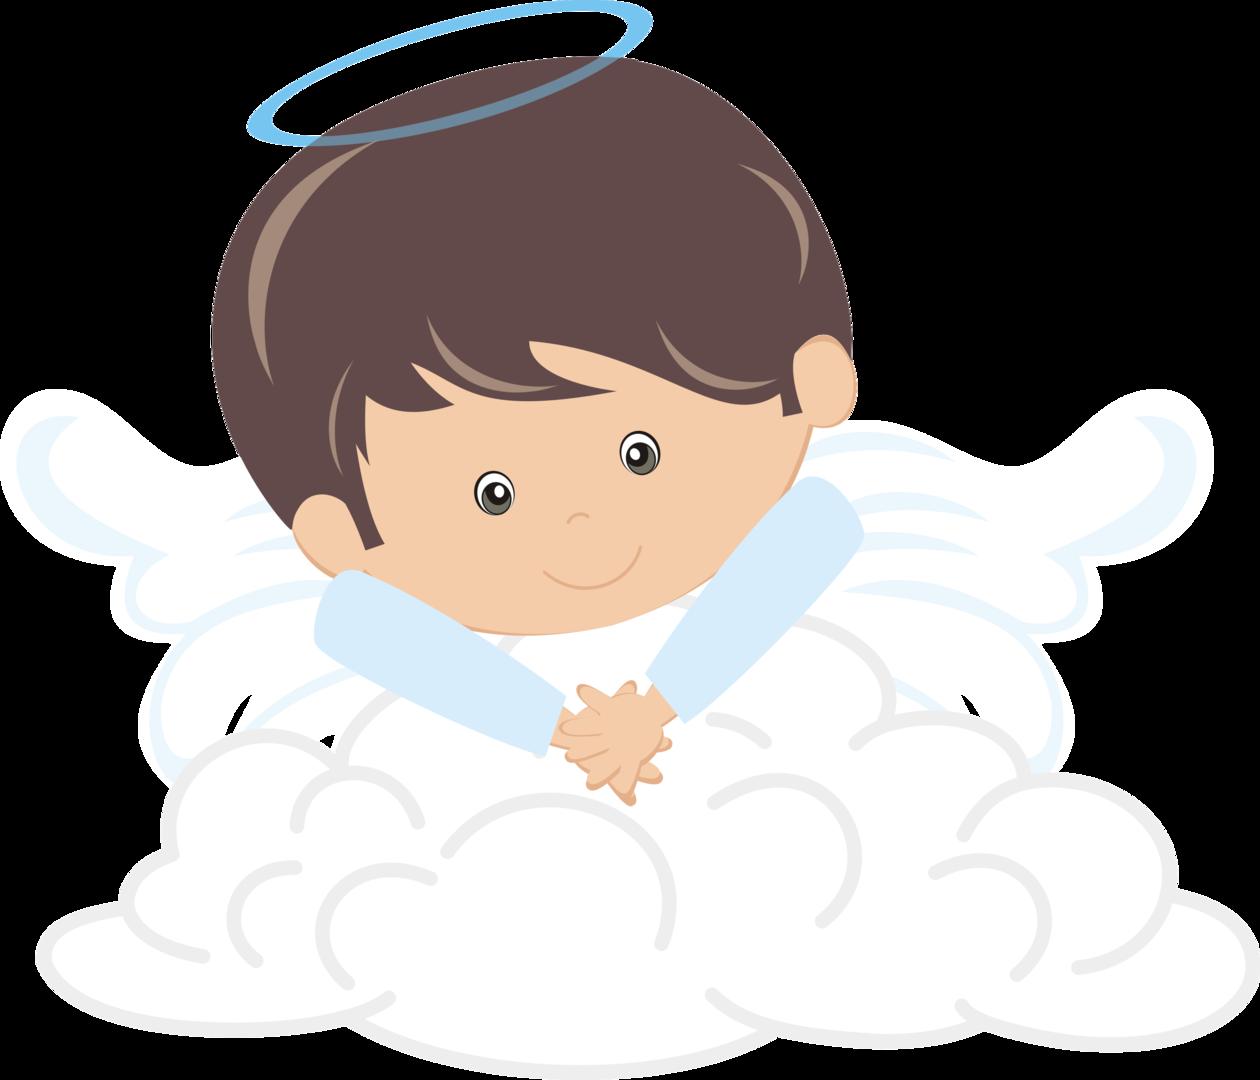 angel clipart boy - HD1260×1080